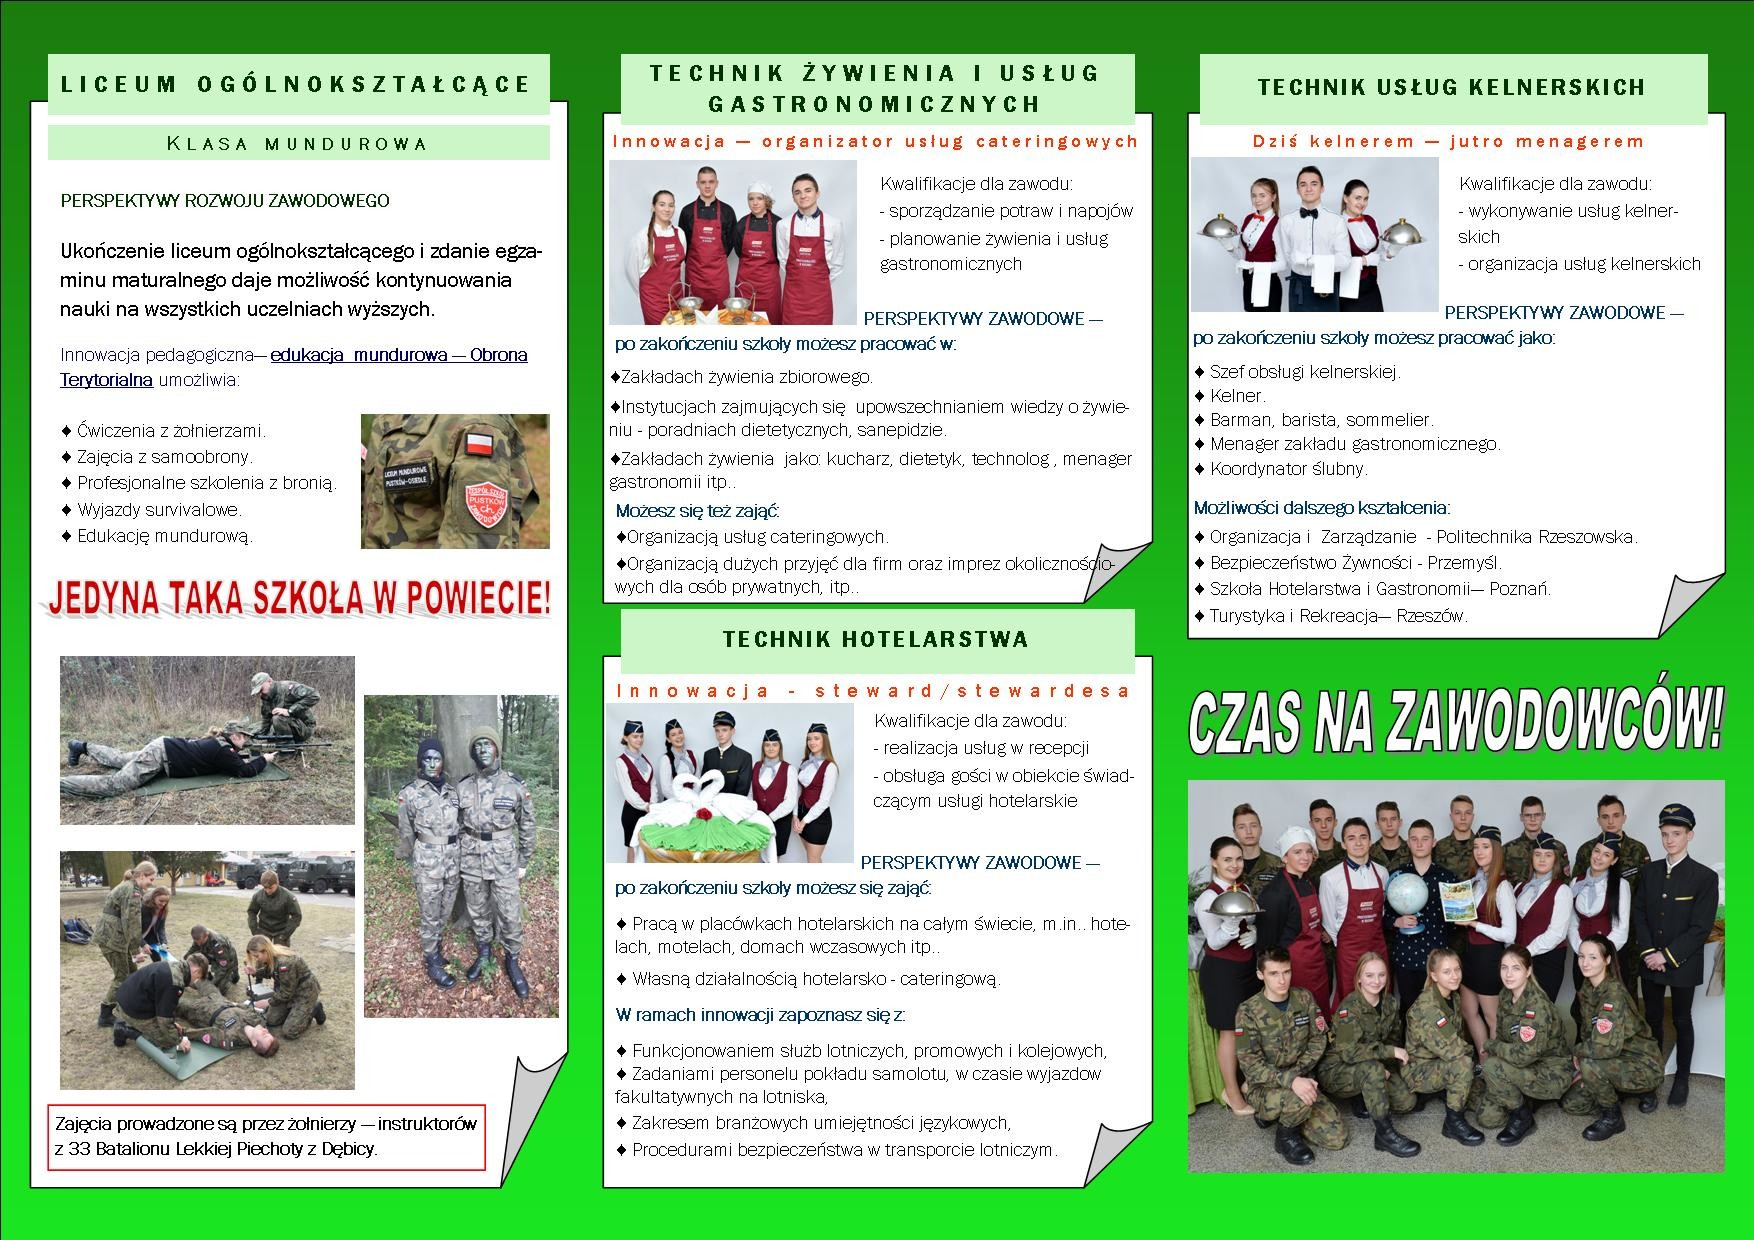 ulotka_zsz_pustkow_osiedle_b.jpg